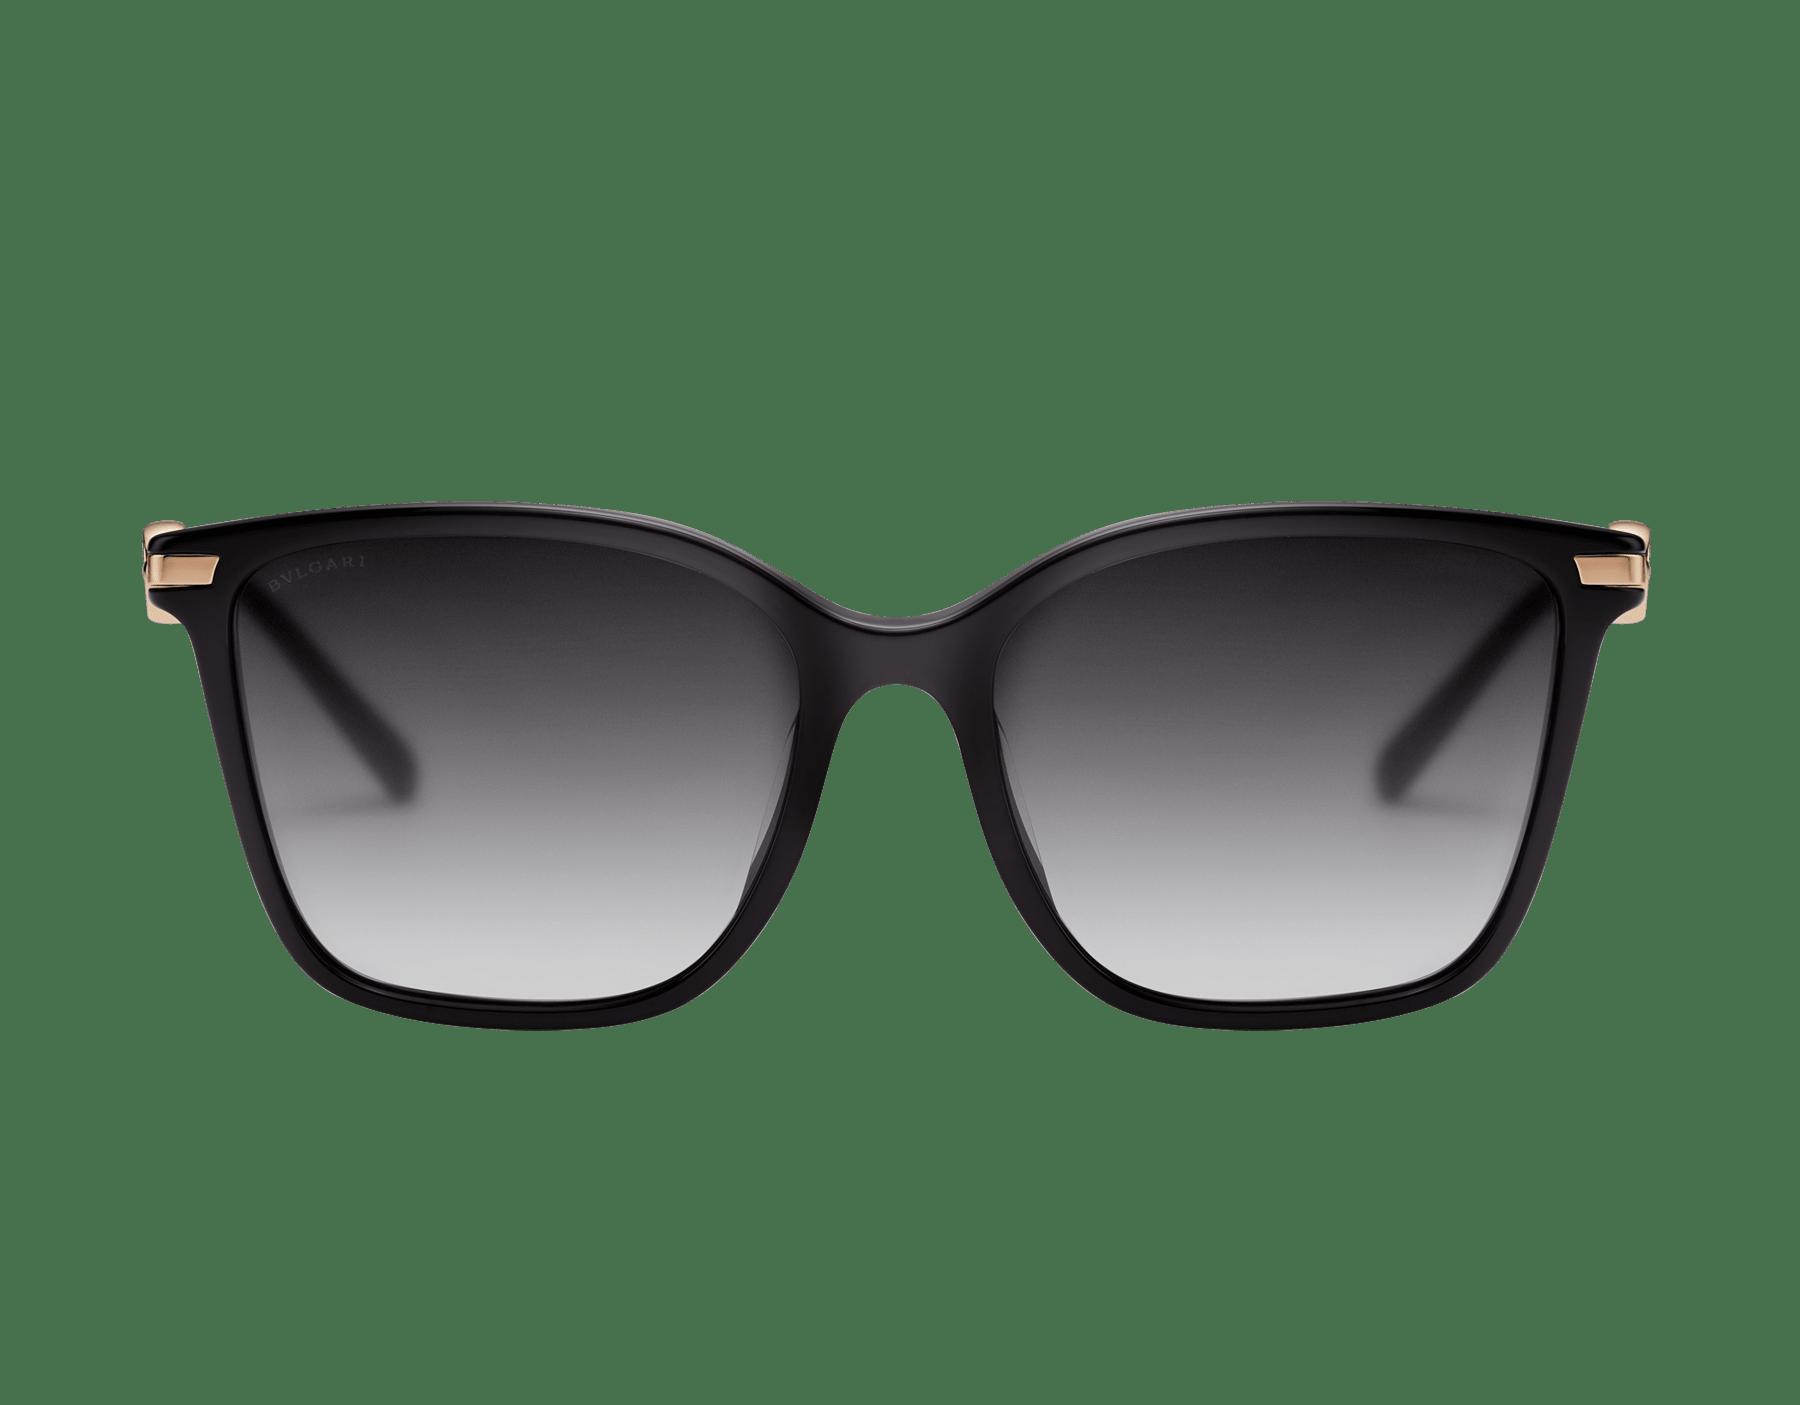 BVLGARI BVLGARI squared acetate sunglasses with metal décor. 903827 image 2